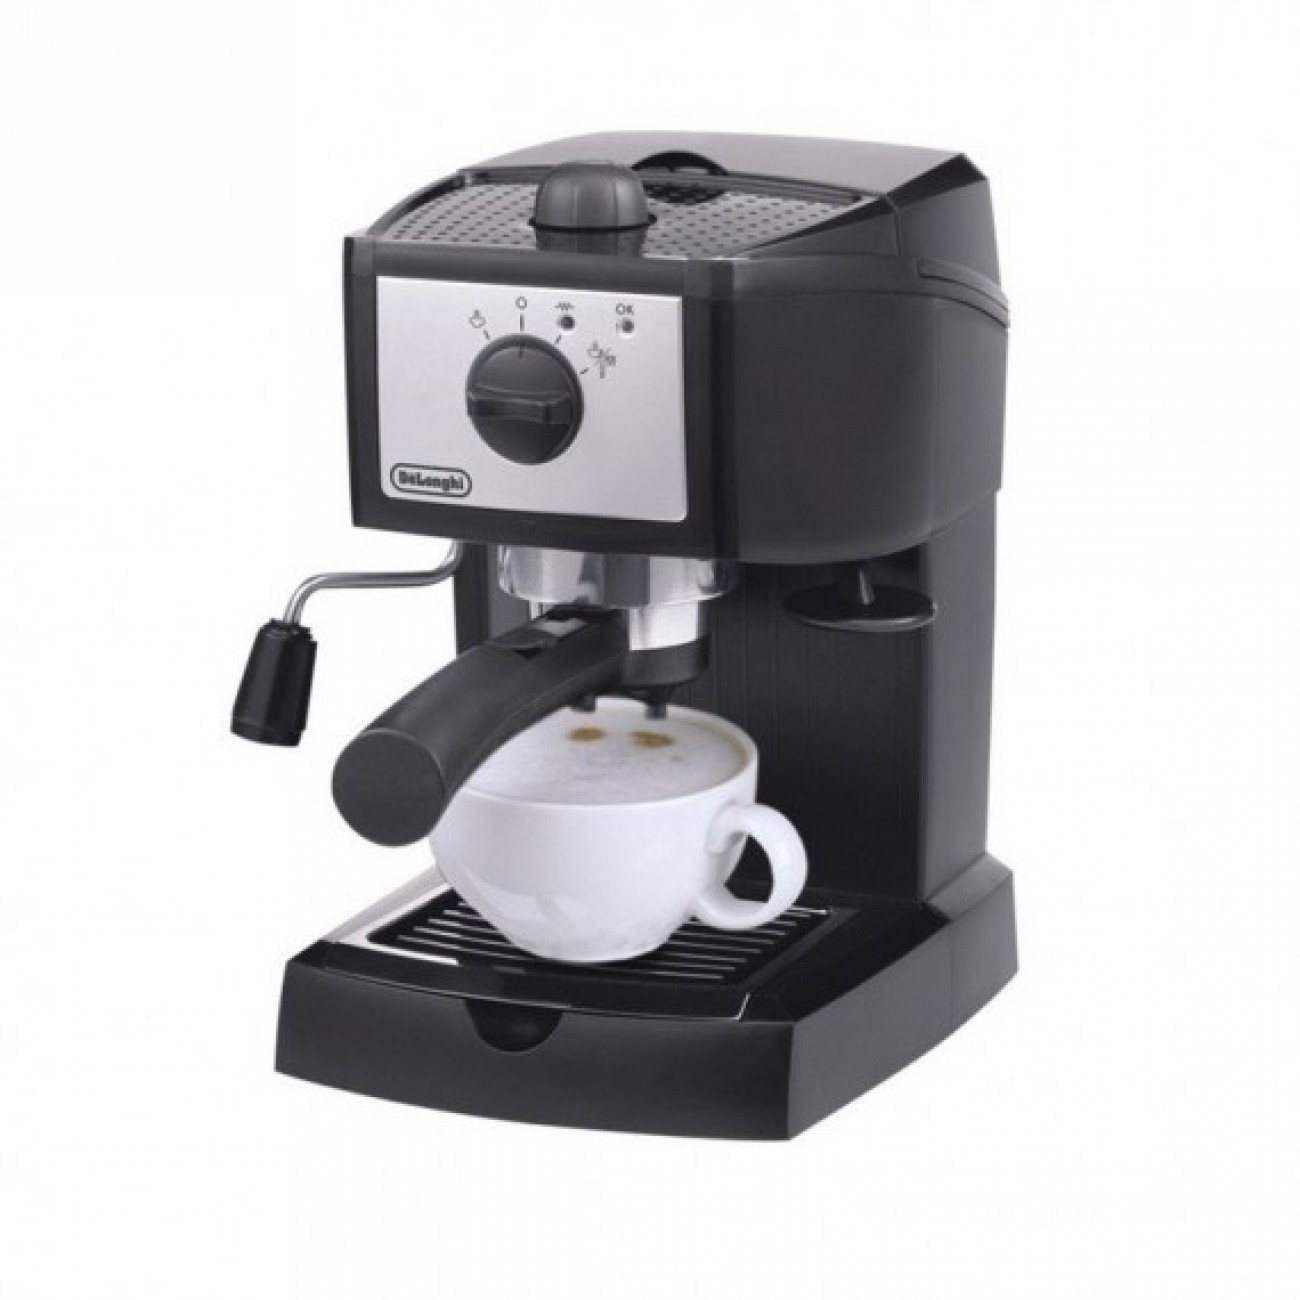 Кафемашина Delonghi EC 153.B в Еспресо машини - DeLonghi | Alleop